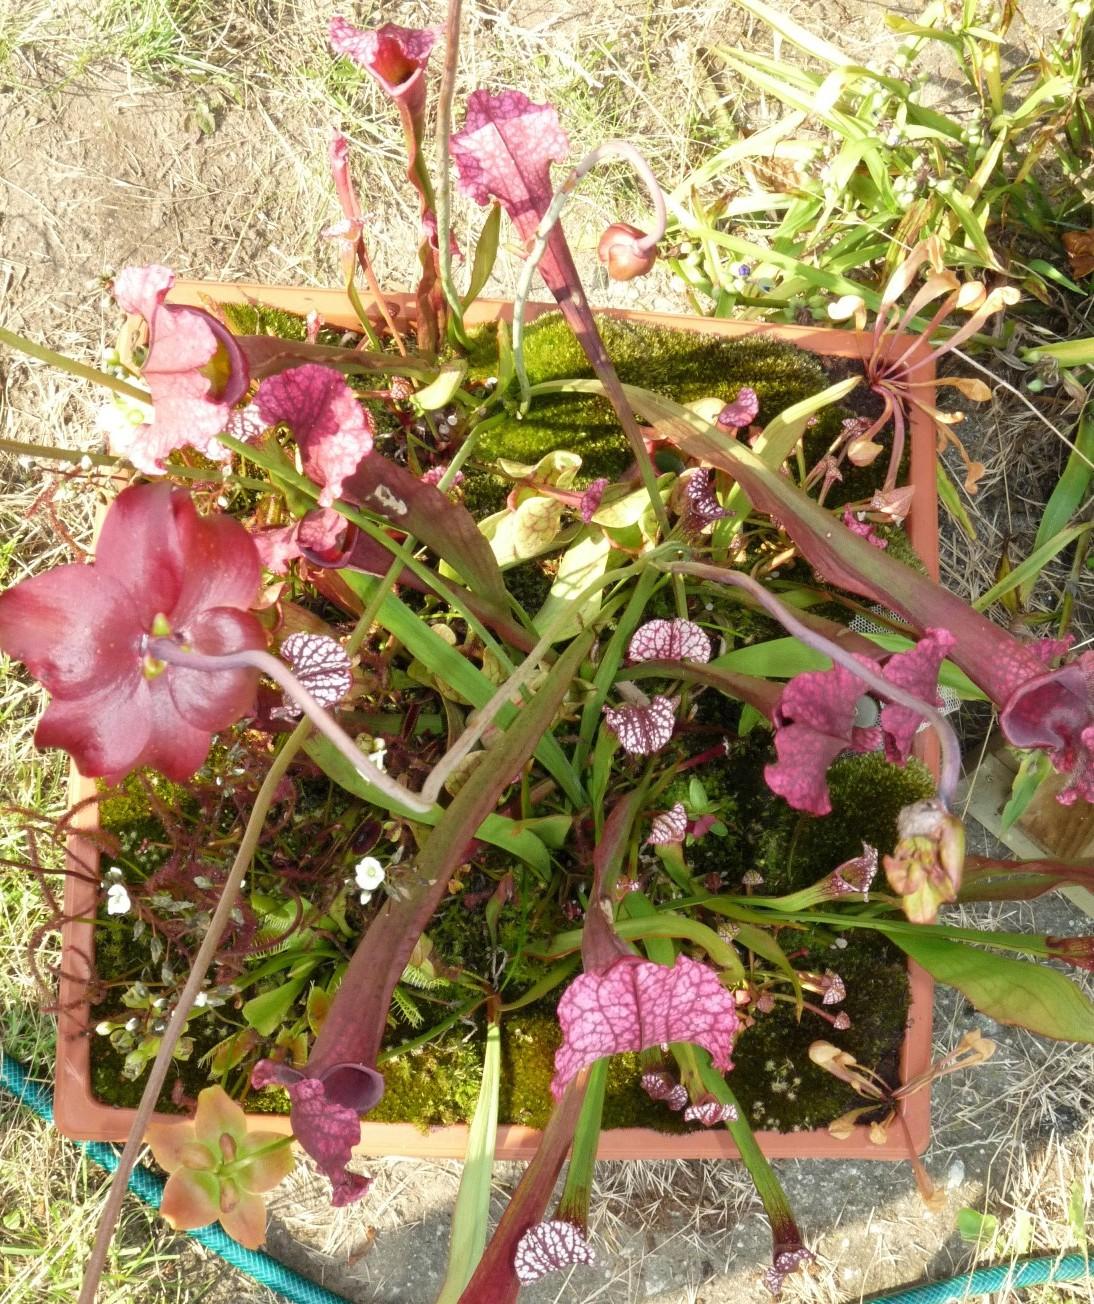 Donica z roślinami owadożernymi na działce lato 2017 widok od góry